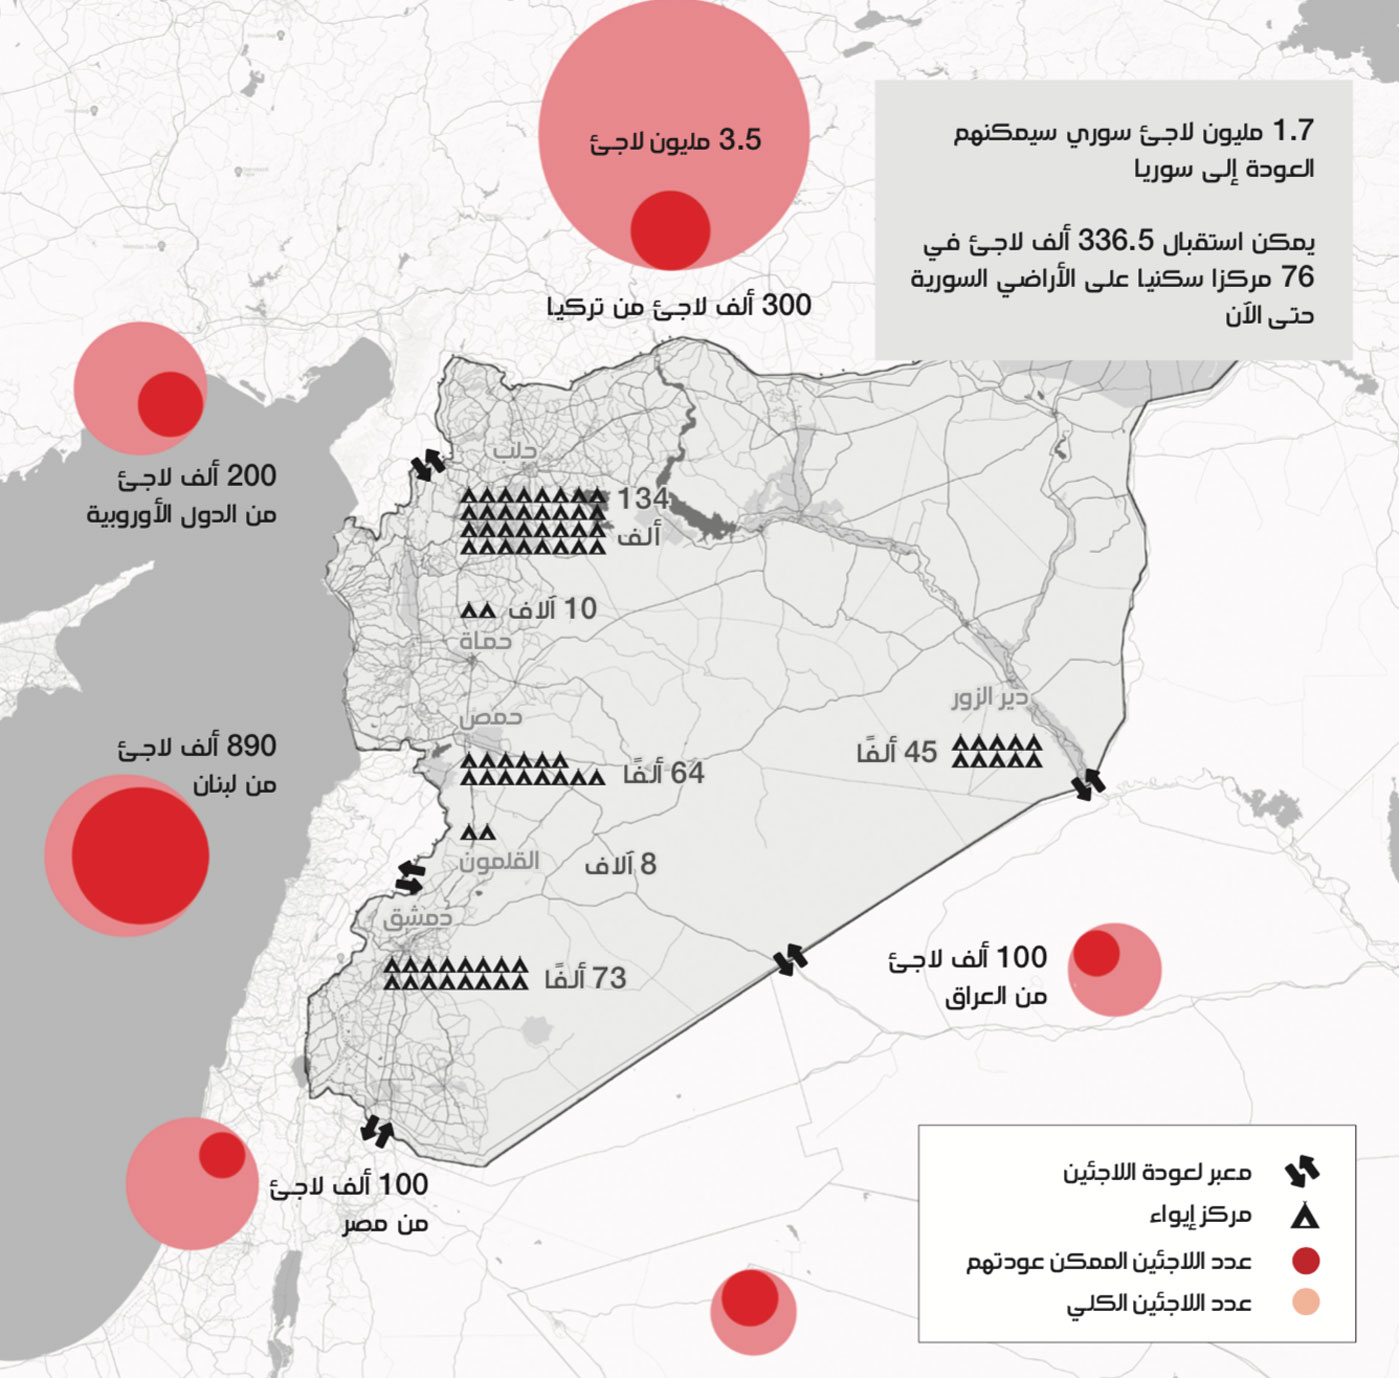 انفوغراف يلخص الخطة الروسية لإعادة اللاجئين السوريين (عنب بلدي)